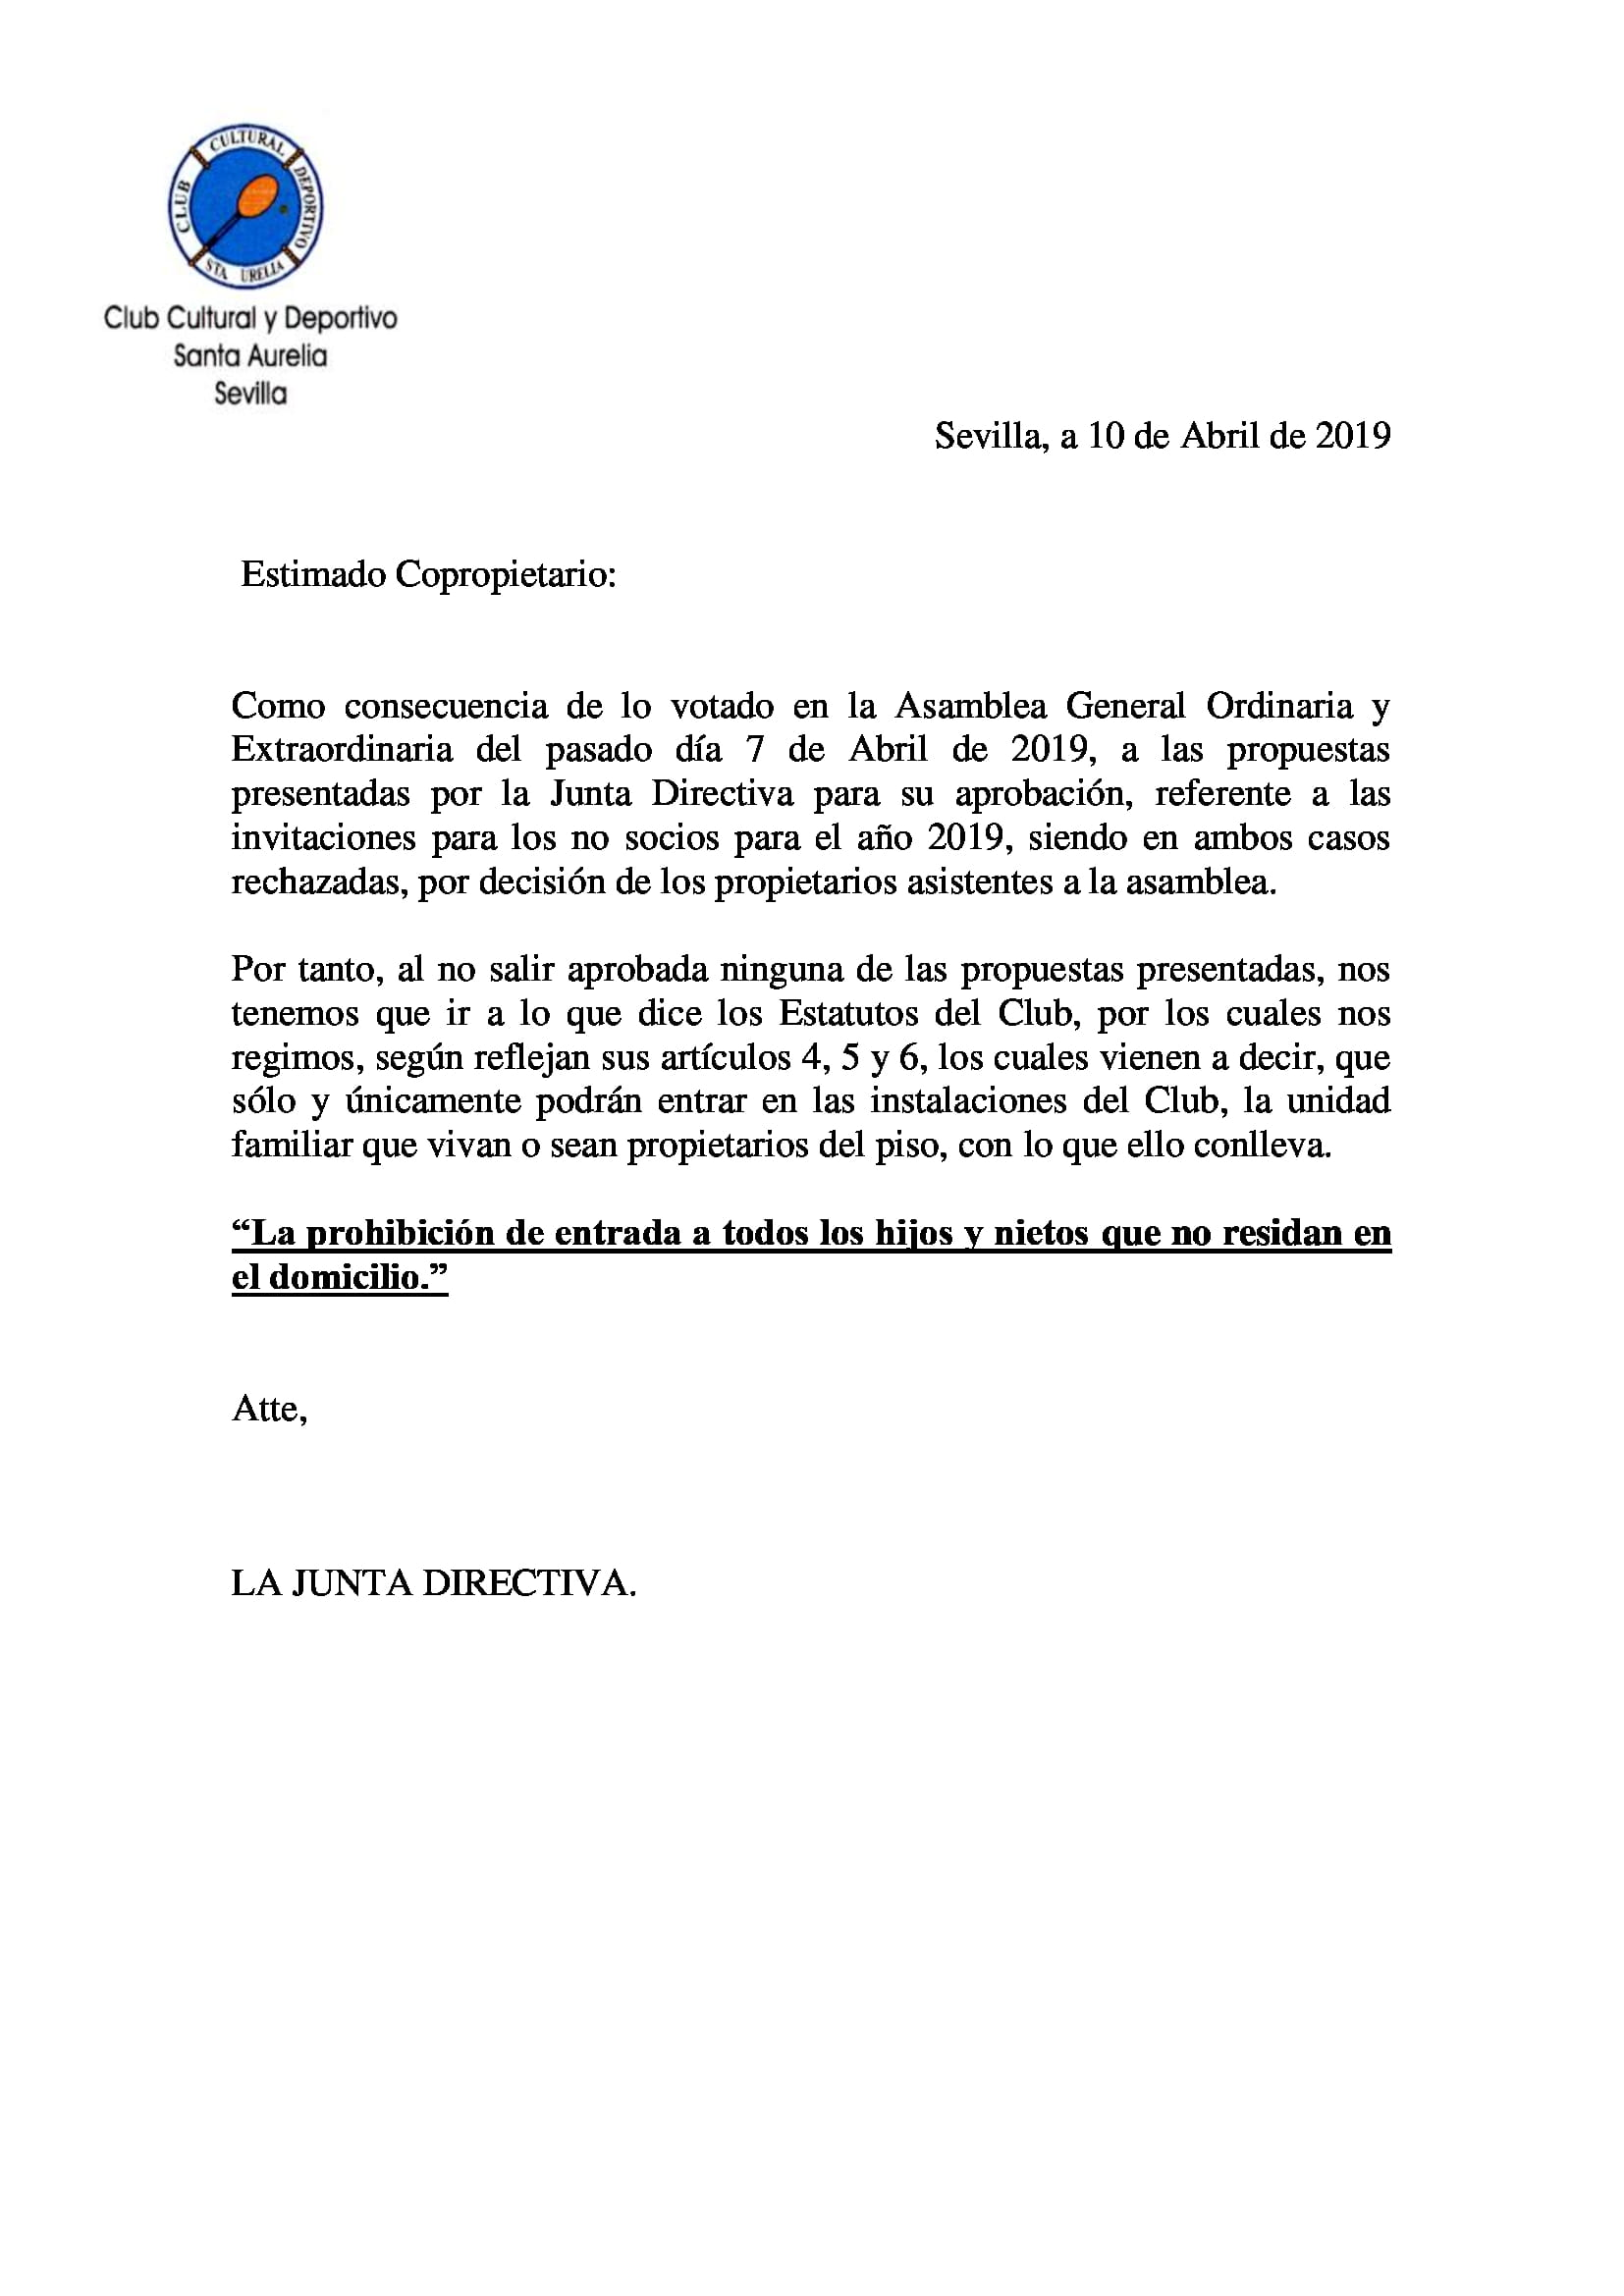 COMUNICADO SOCIO ASAMBLEA